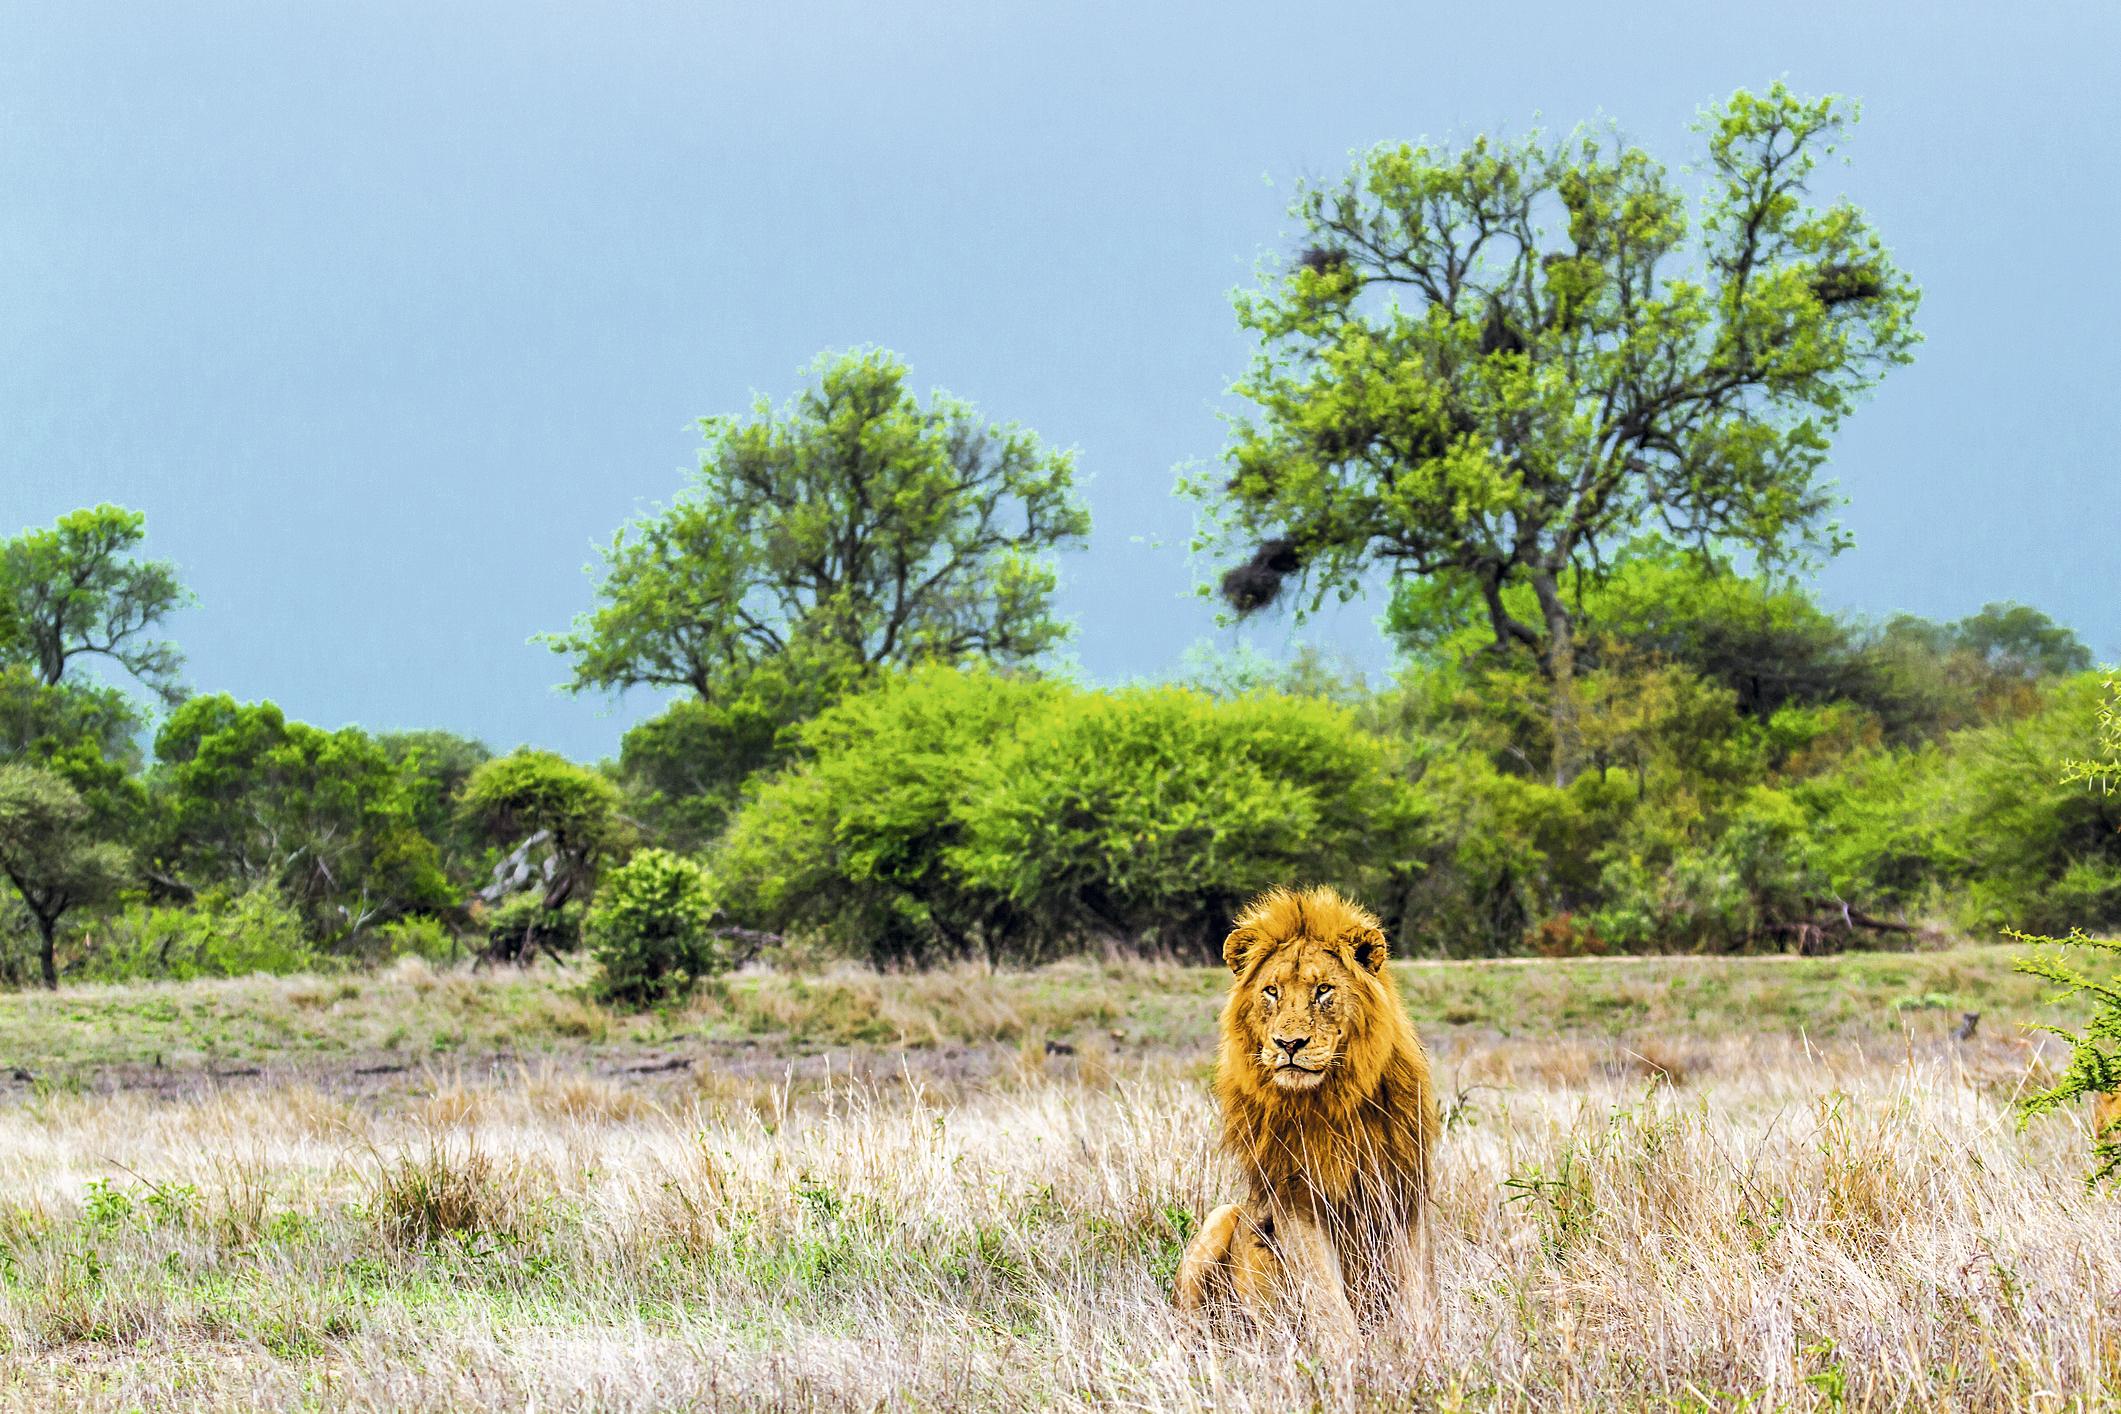 Leão no Nacional Kruger Park, África do Sul